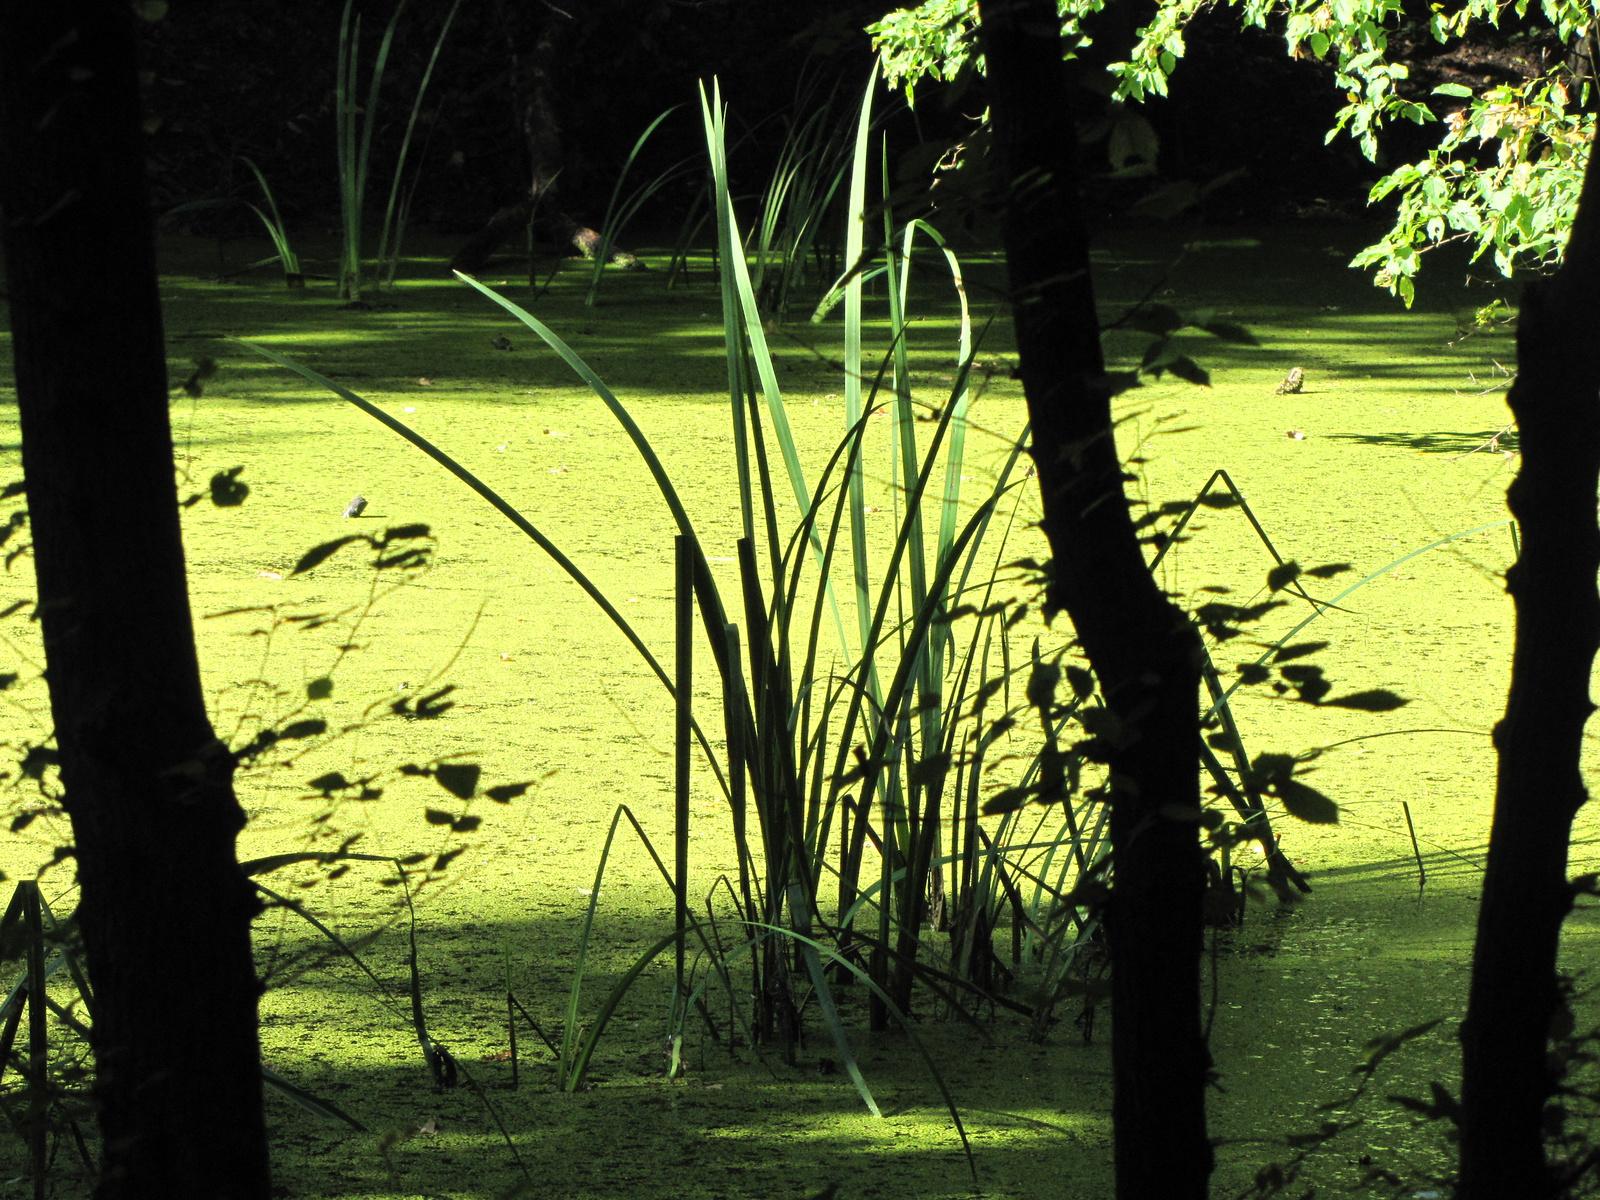 Magyarország, a Rekettyés tó a Pilisben, SzG3